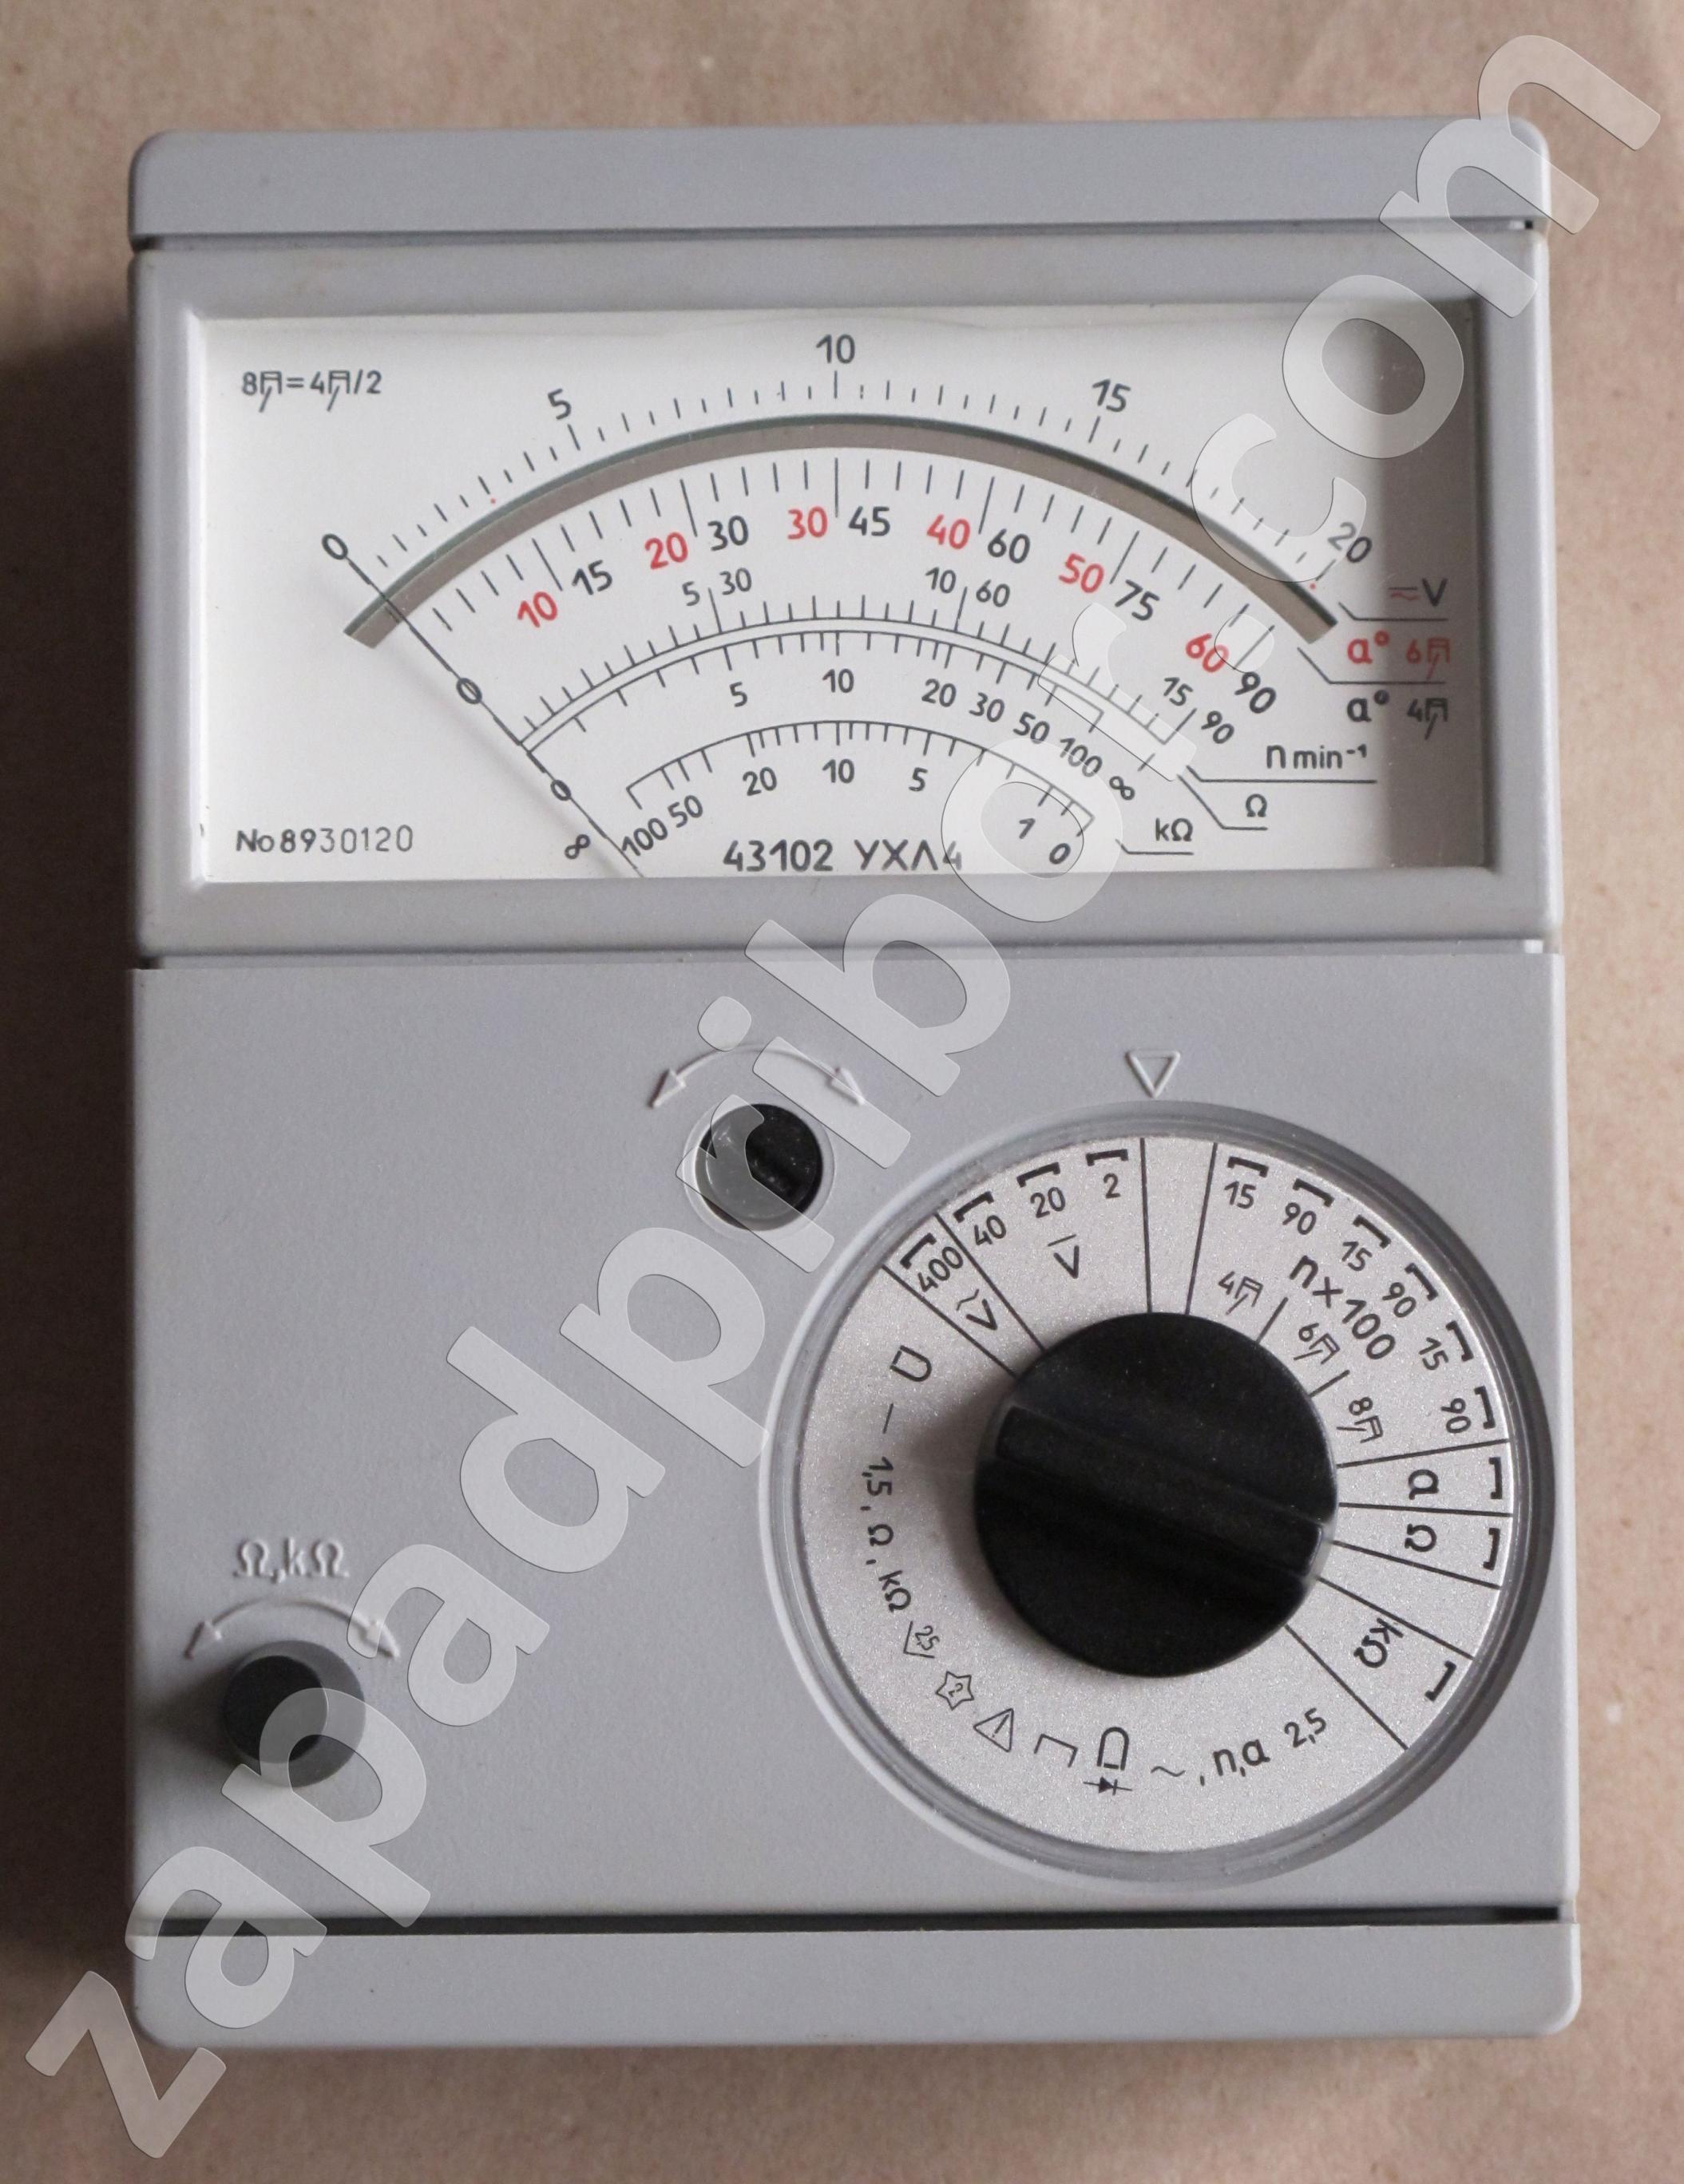 инструкция для ц-43101